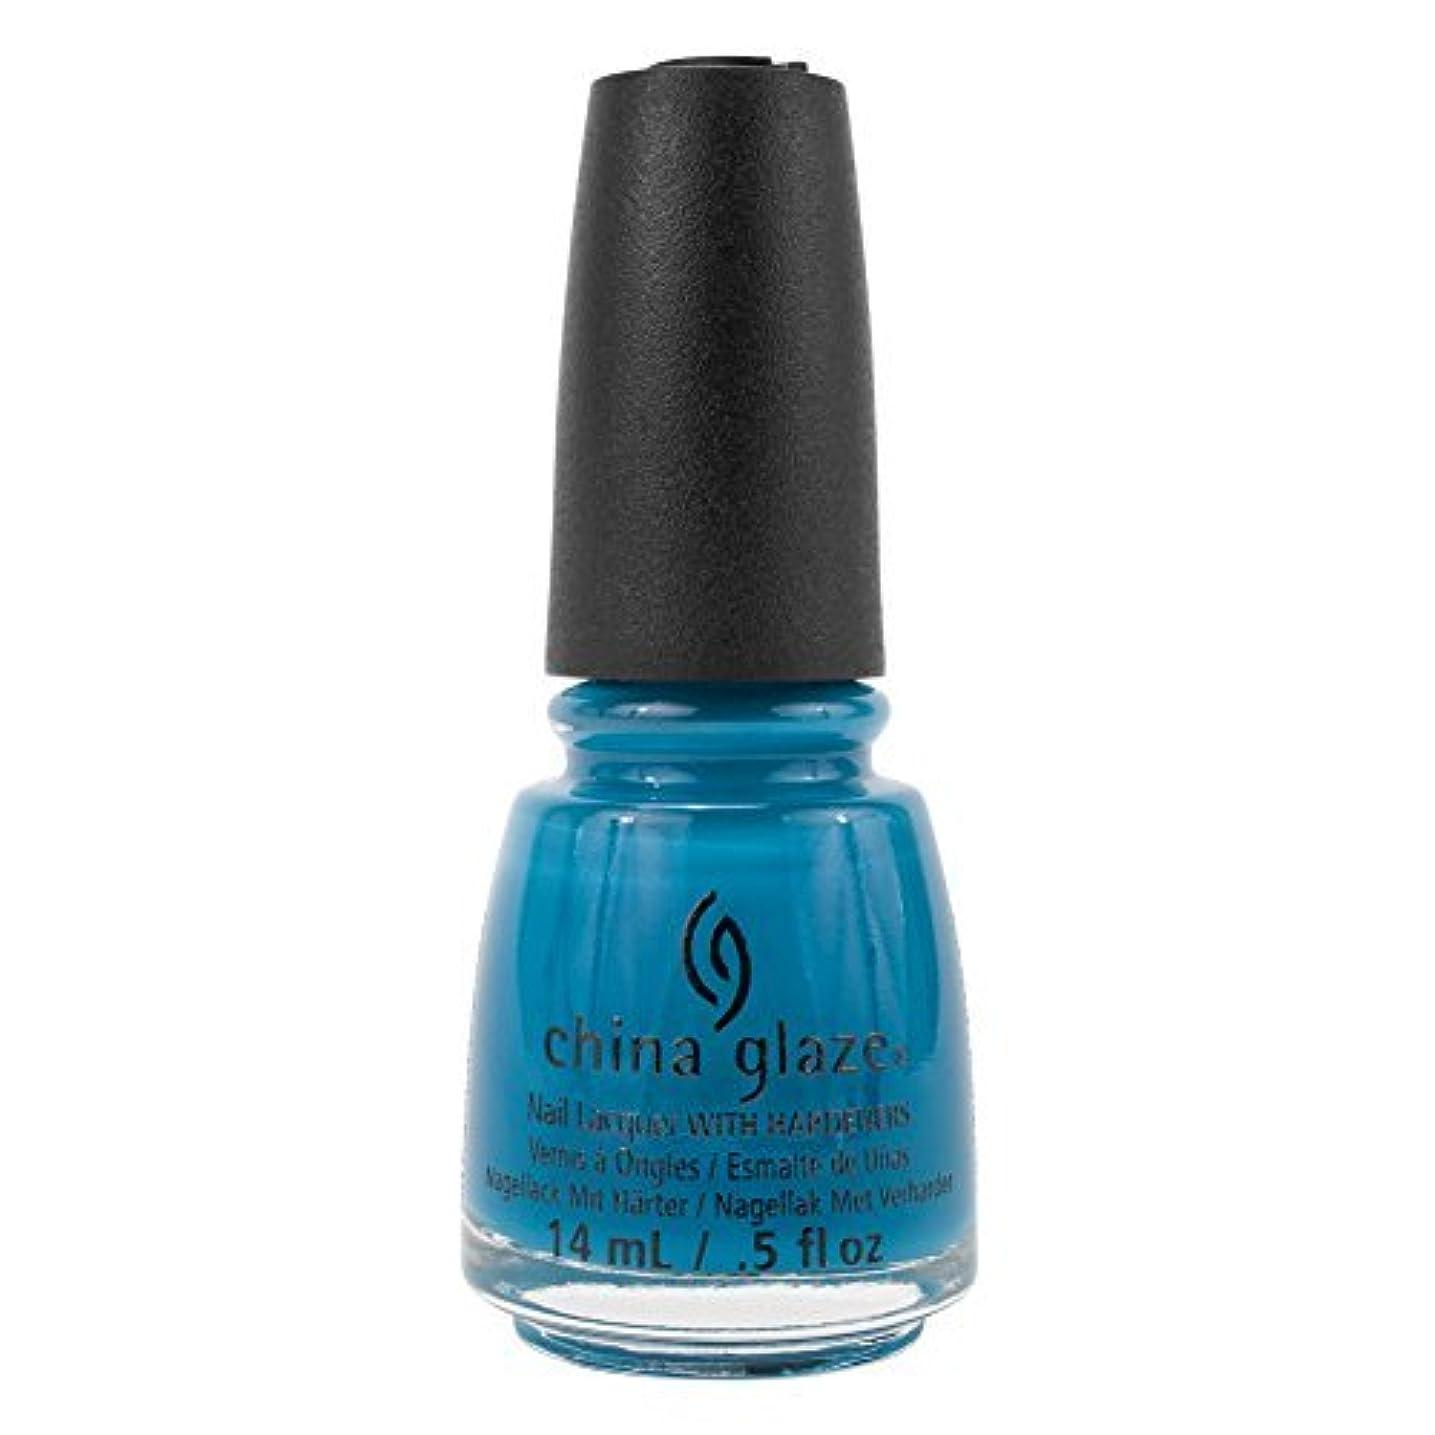 メリーニンニク詩China Glaze Nail Polish-License & Registration Pls 82381 by China Glaze [並行輸入品]